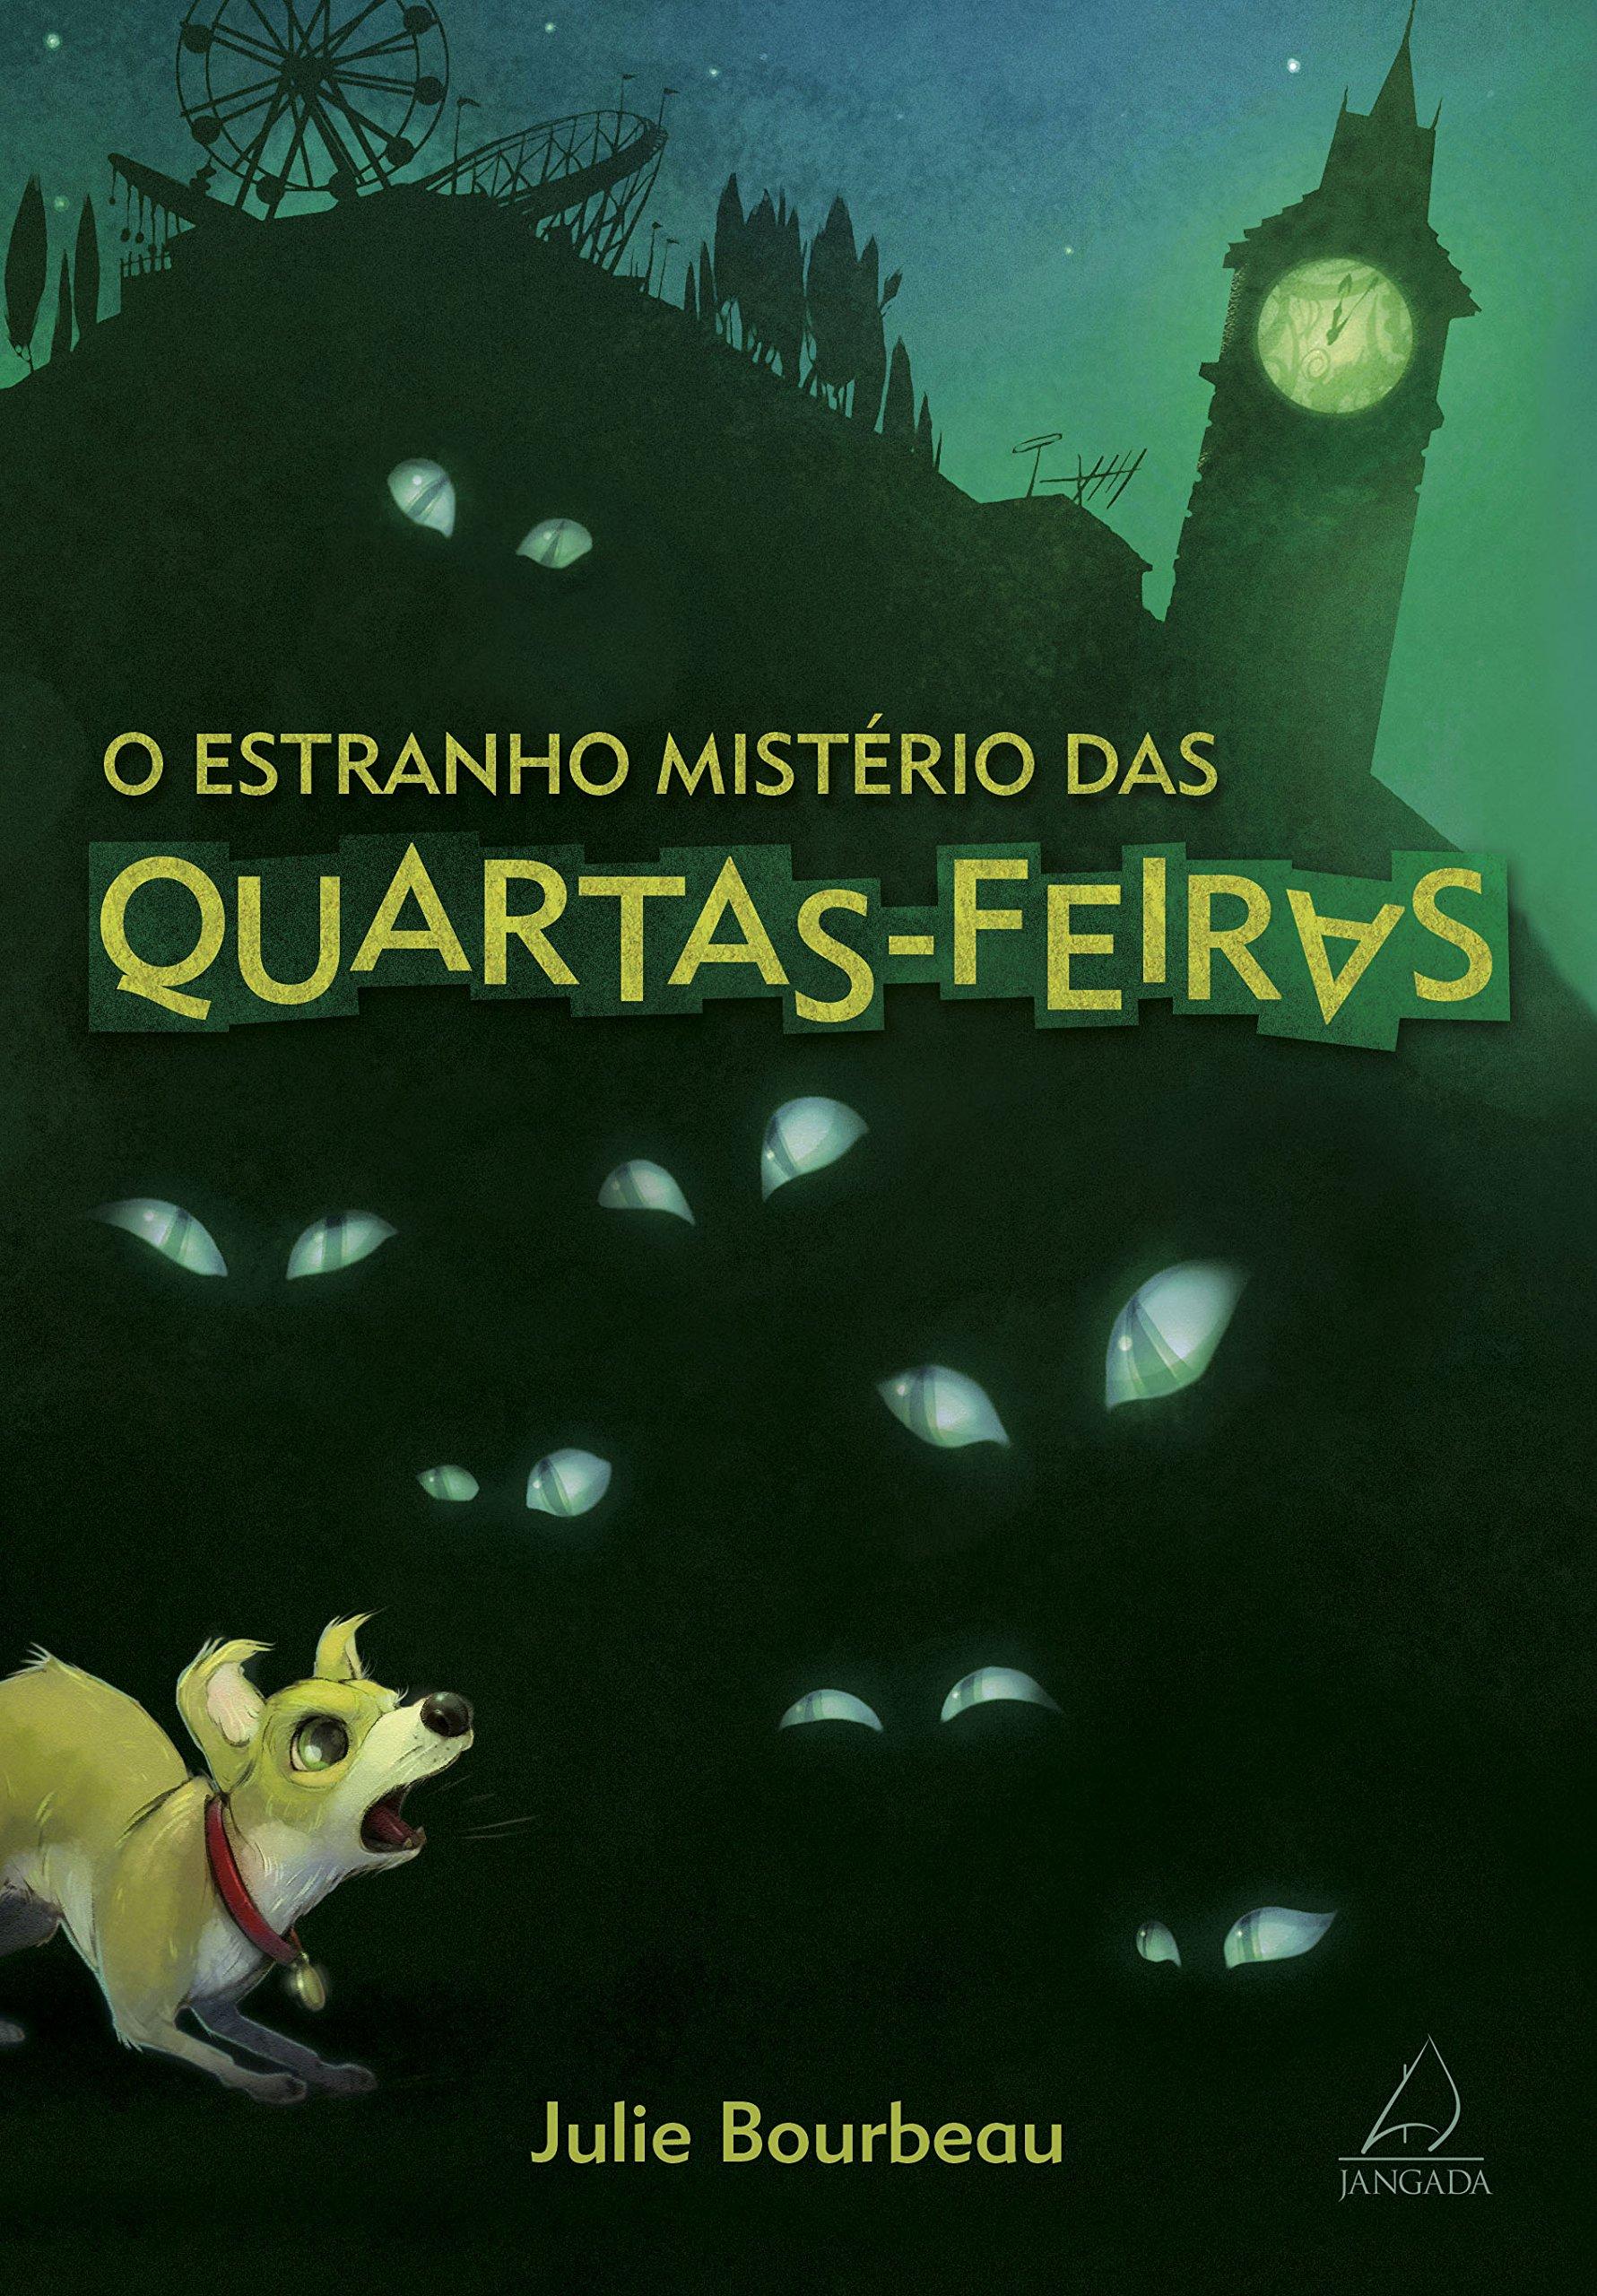 O Estranho Mistério das Quartas-Feiras (Em Portuguese do Brasil): Julie Bourbeau: 9788564850613: Amazon.com: Books